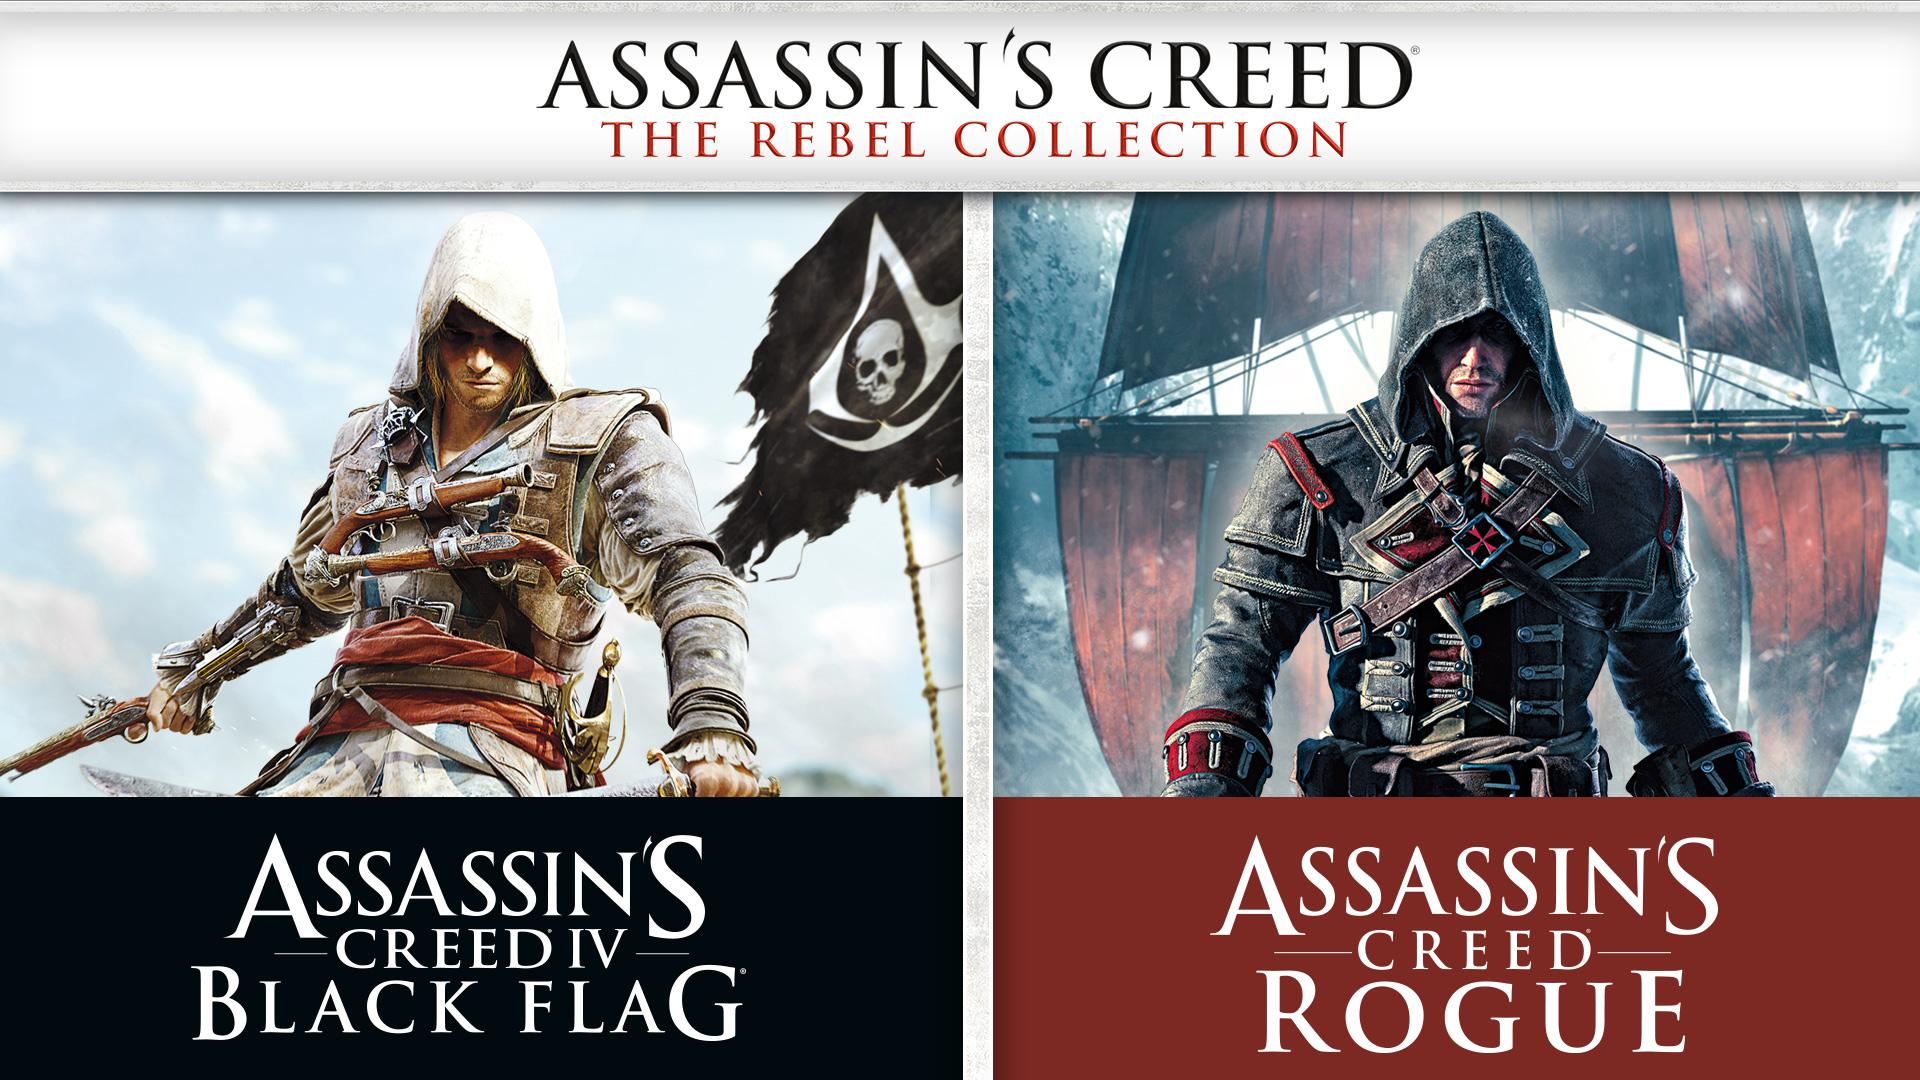 Suporte da Ubisoft diz que a versão norte-americana de Assassin's Creed: The Rebel Collection virá com os dois jogos dentro do cartucho